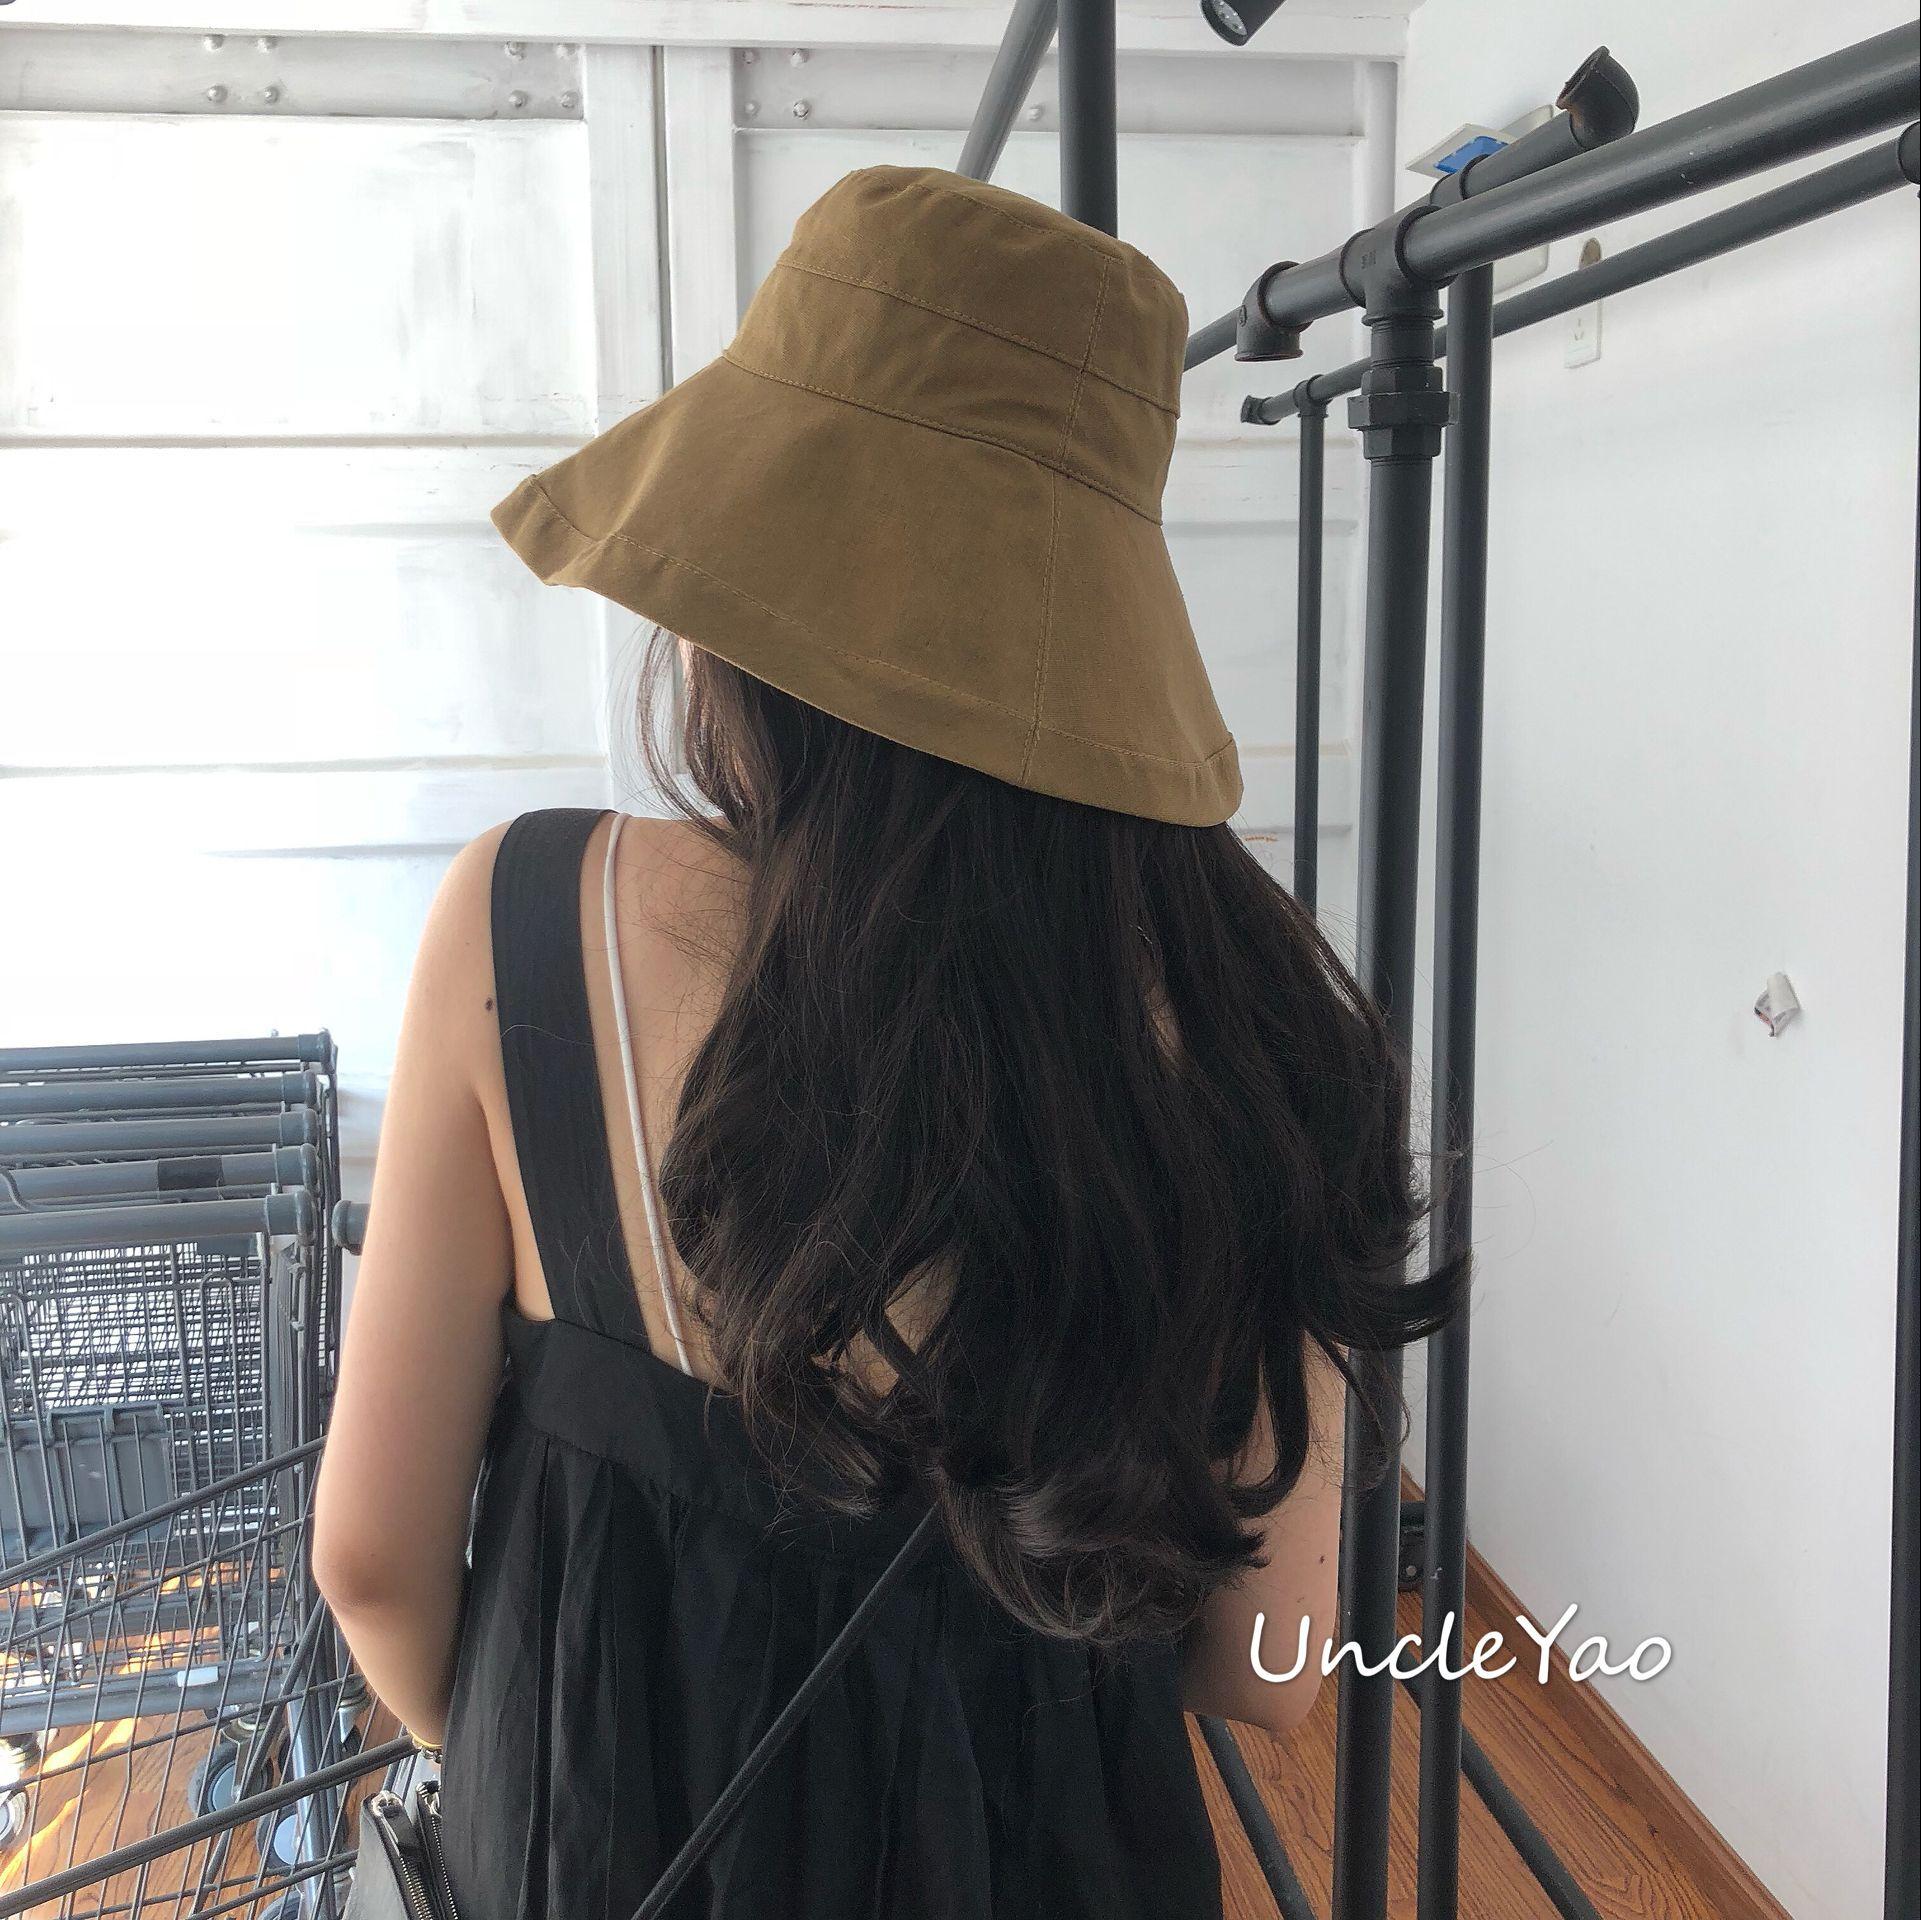 有棉麻的品位戴的卡布奇诺色人才帽!渔夫日式大檐帽可折叠遮阳帽